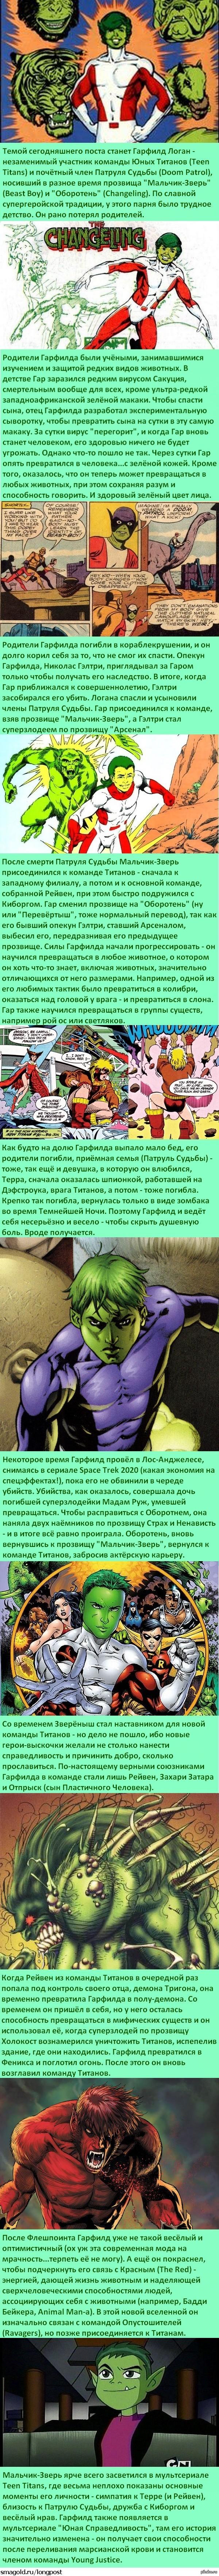 Факты о супергероях: Мальчик-Зверь В комиксах он умеет говорить даже в животном облике. В мультсериале, мультяшном и анимешном донельзя, решили, что это будет слишком нереалистично.